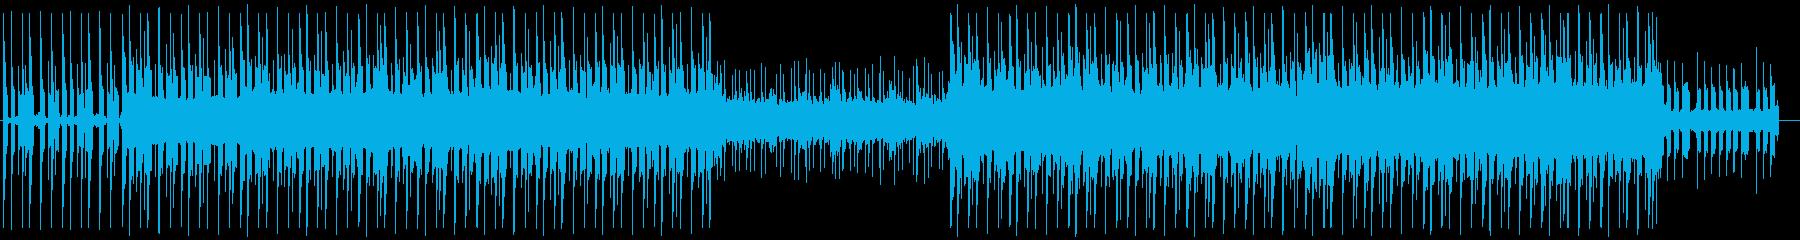 シンプルでミニマルの再生済みの波形